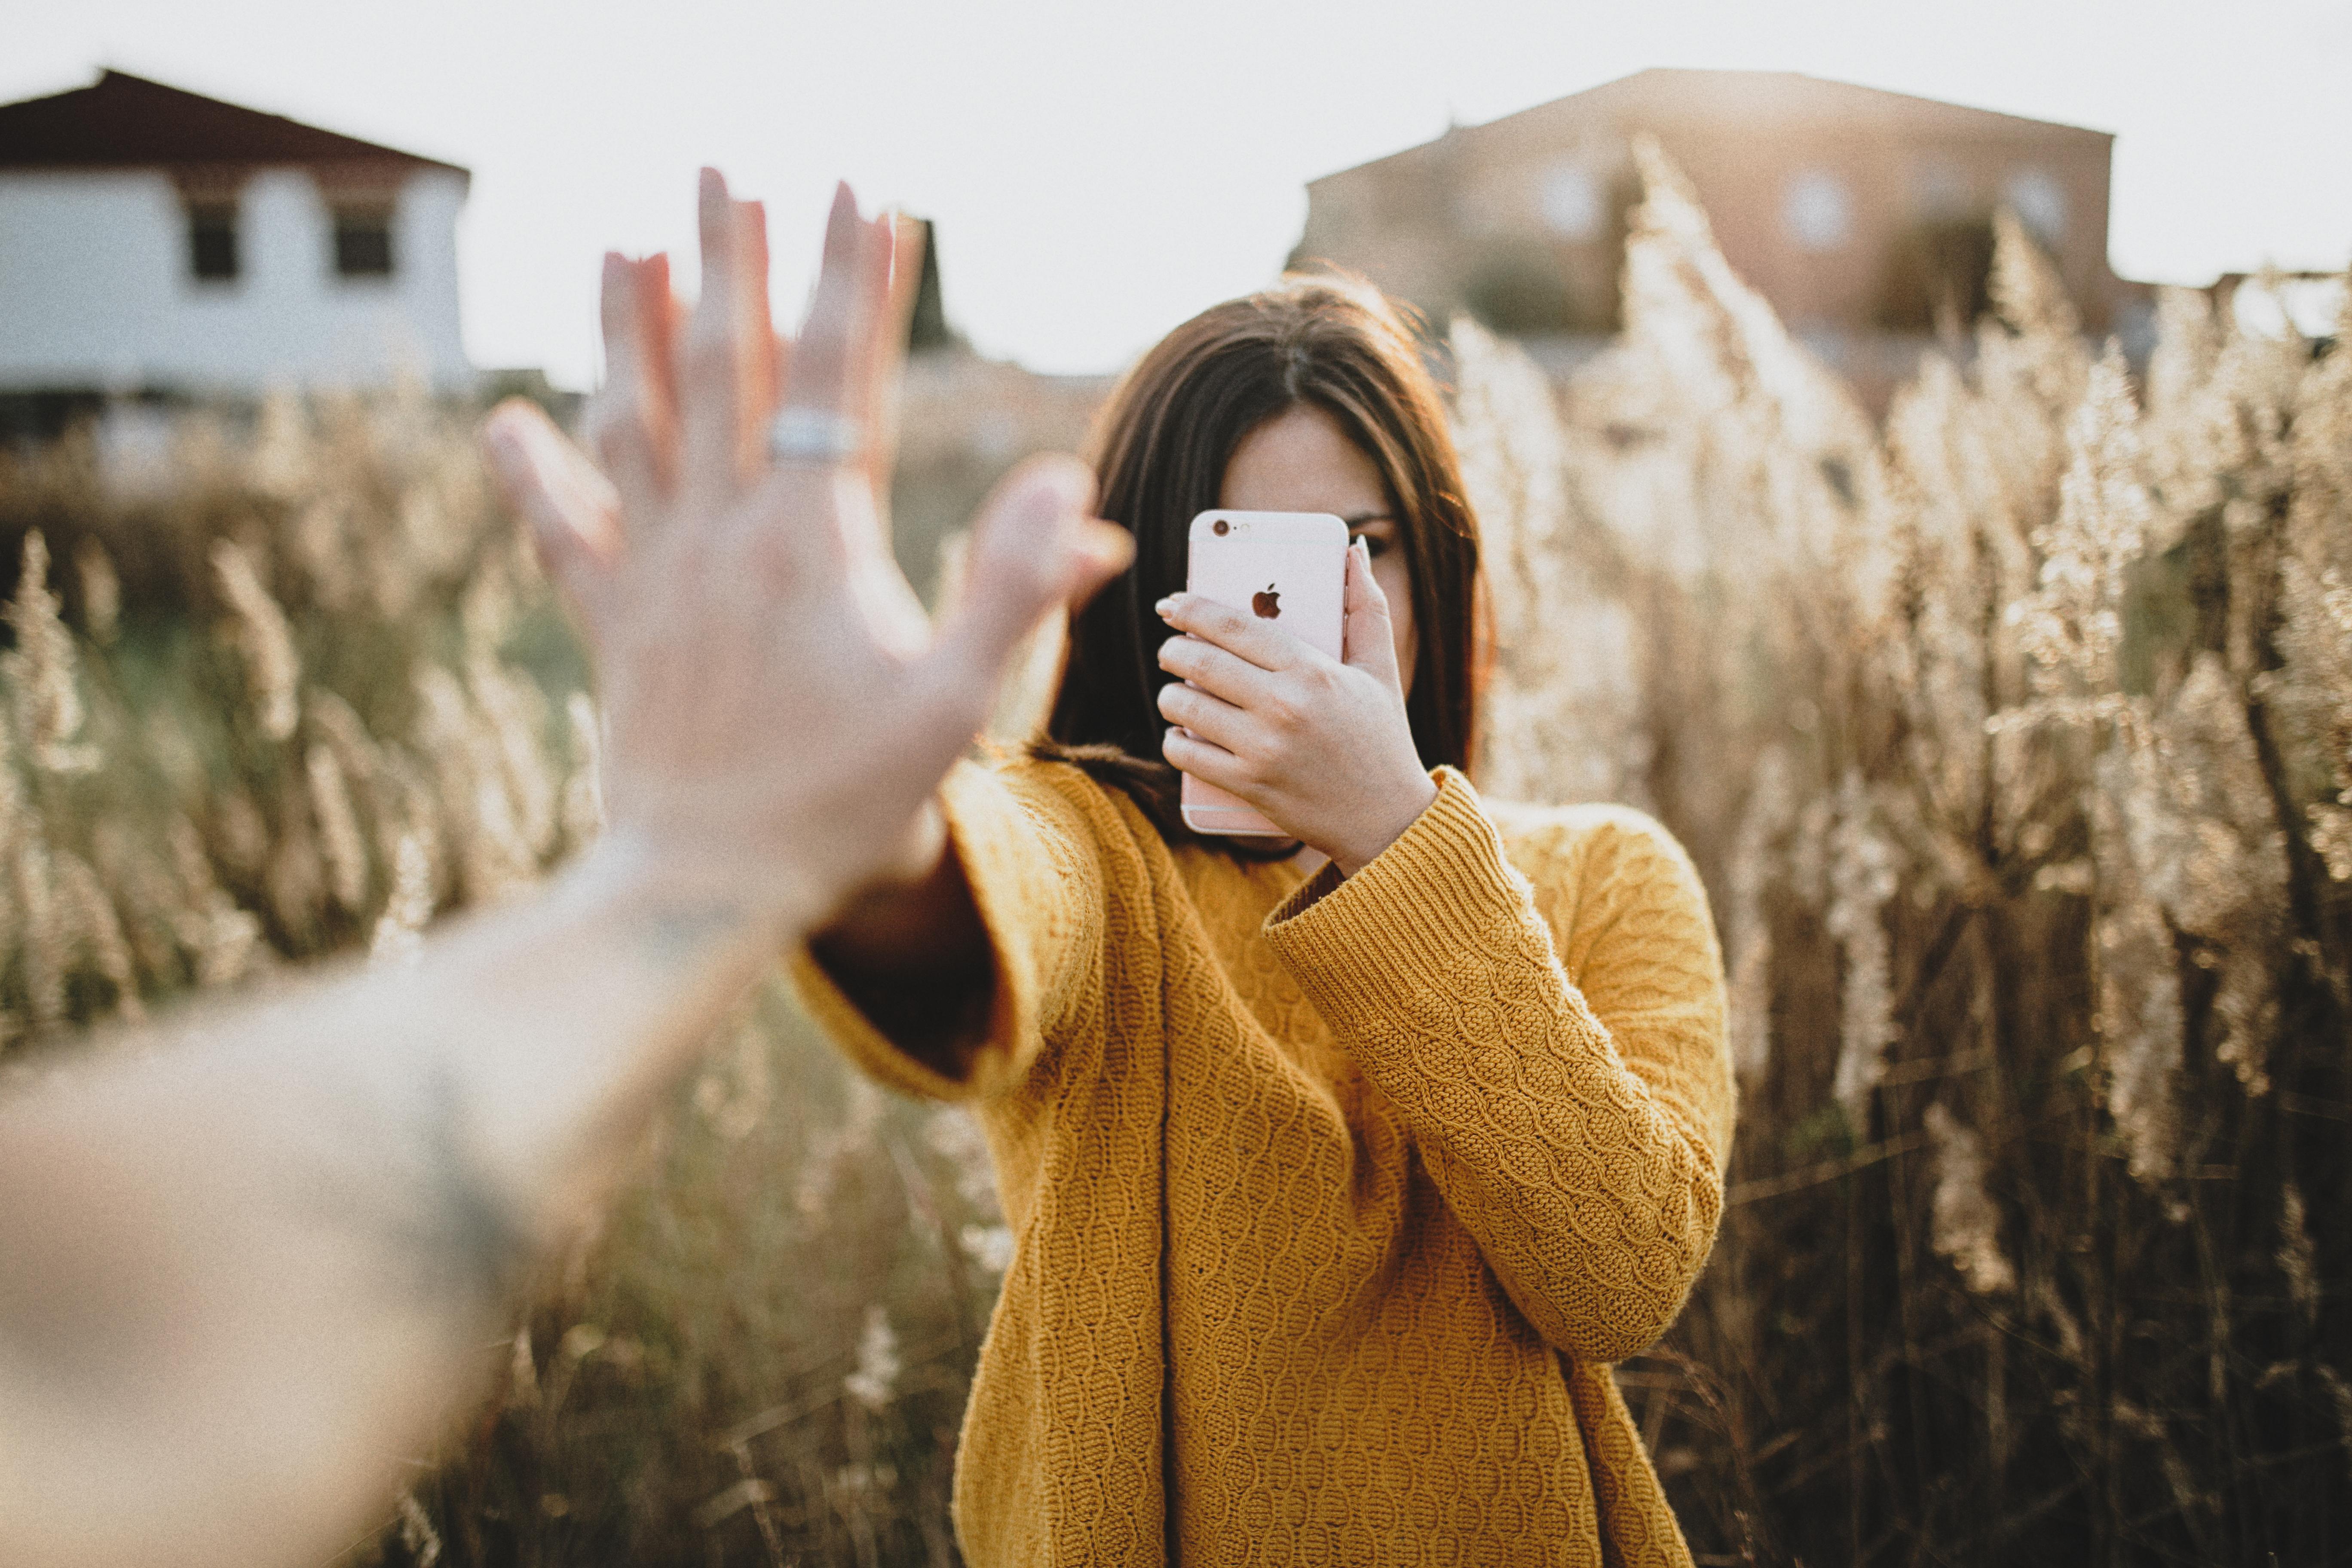 Αυτη ειναι η πιο κολακευτικη γωνια για selfie